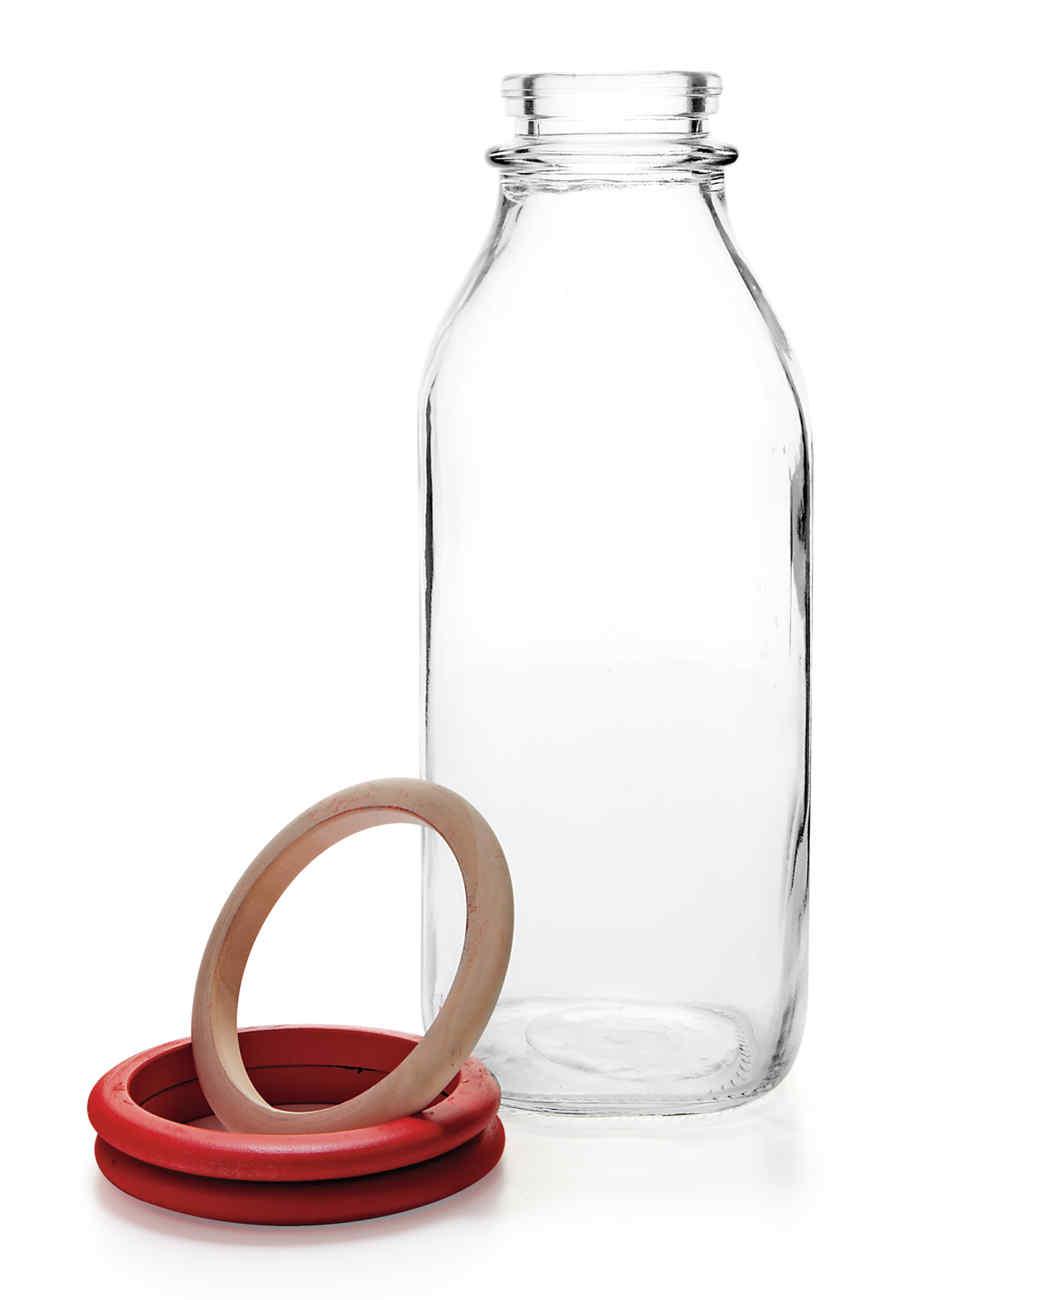 bottles-012-mld109144.jpg